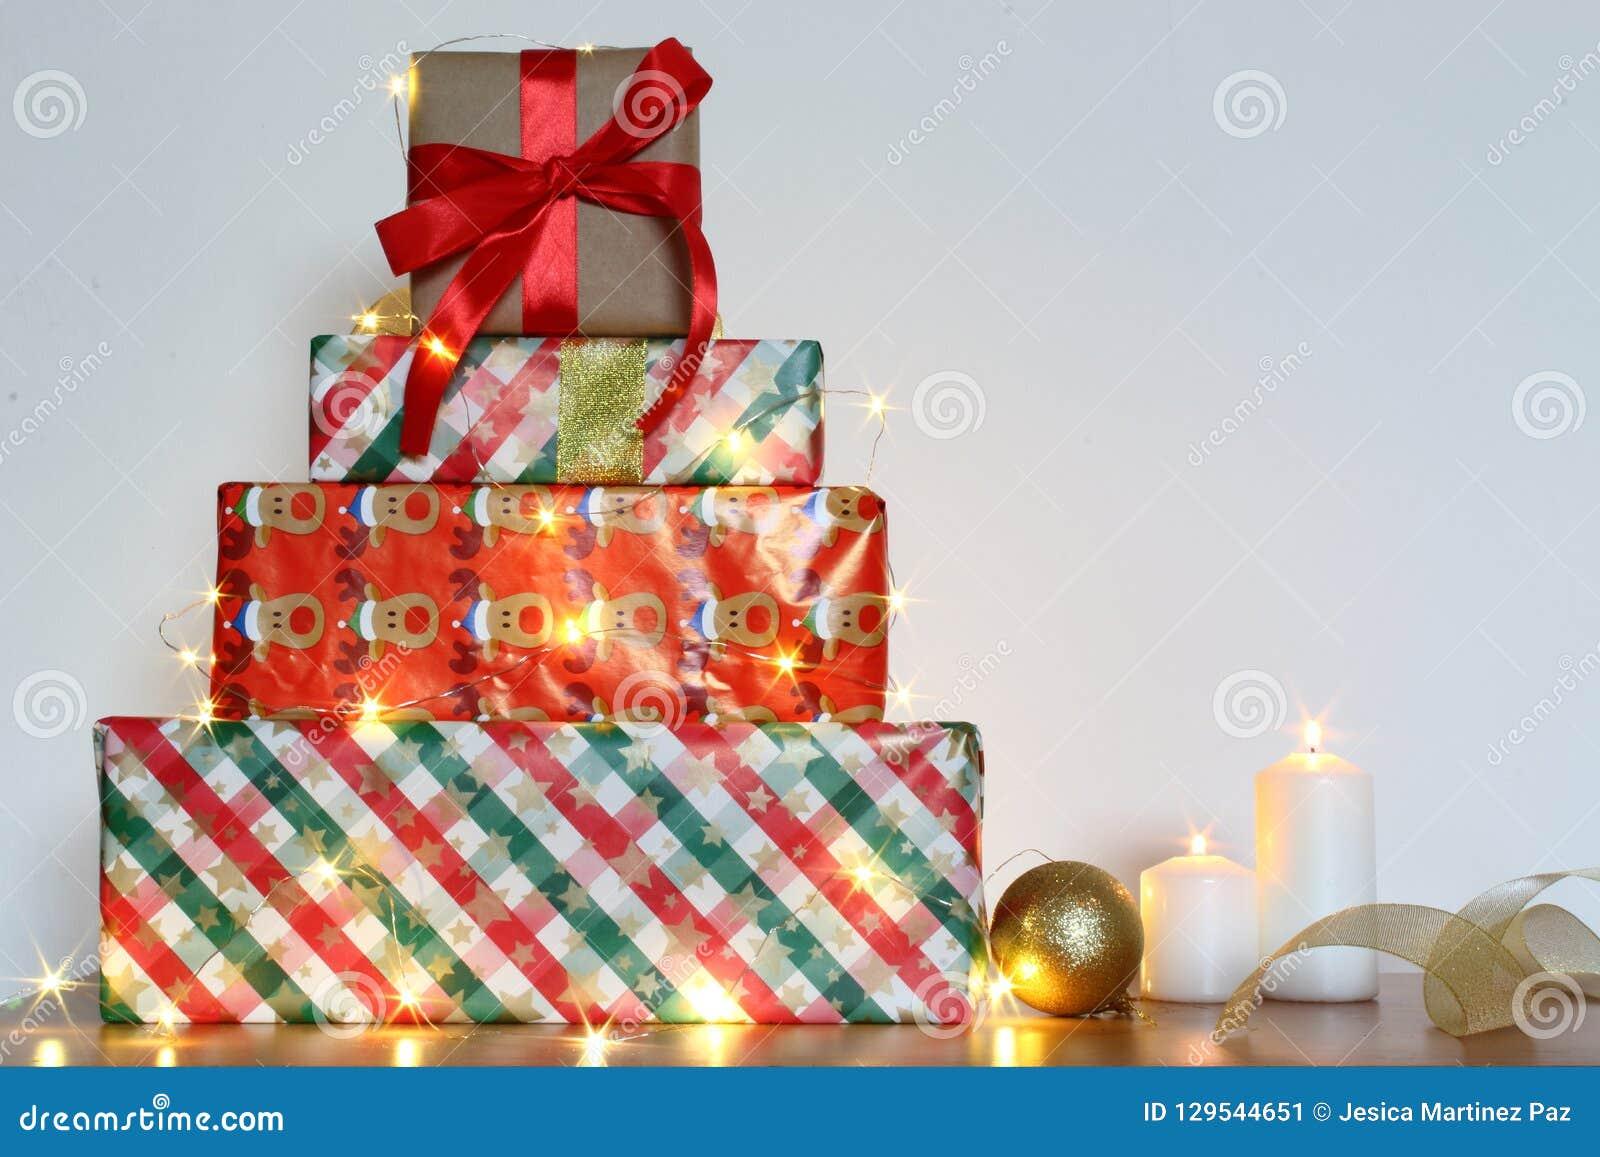 Boule De Noel Ficelle.Cadeaux De Noël De Vacances Avec La Décoration Faite Main